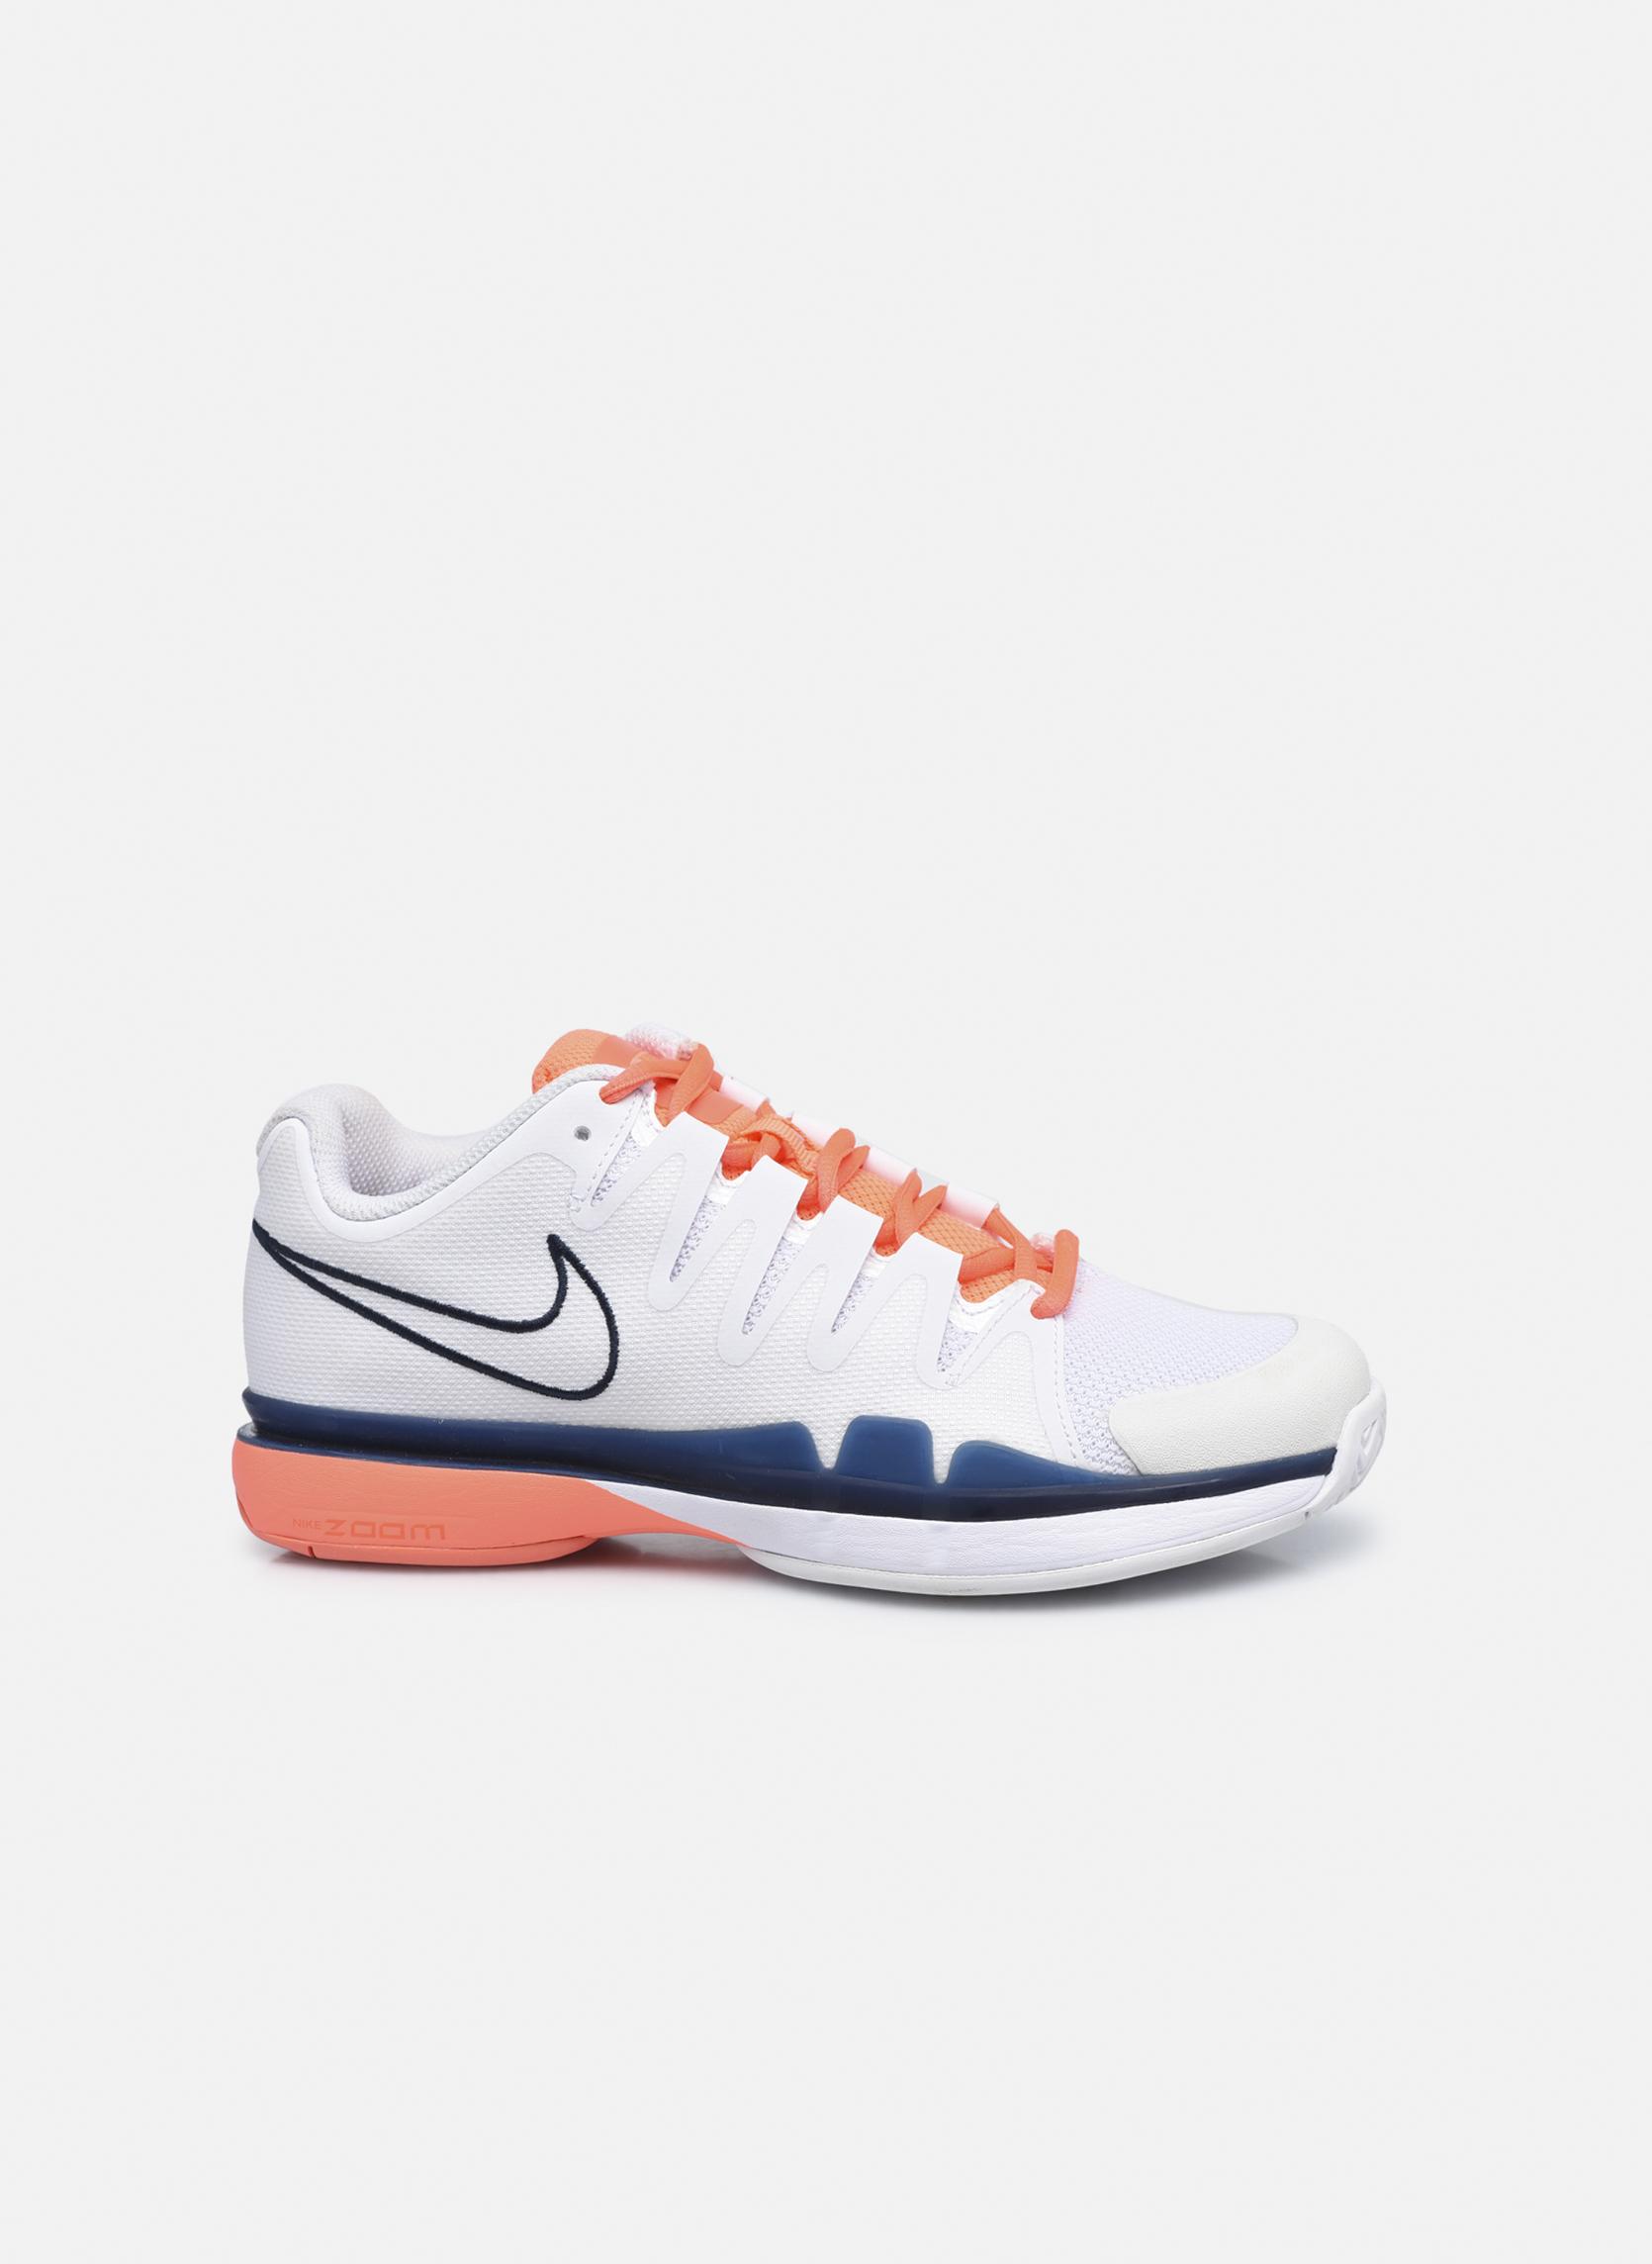 Chaussures de sport Nike Nike Zoom Vapor 9.5 Tour Blanc vue derrière